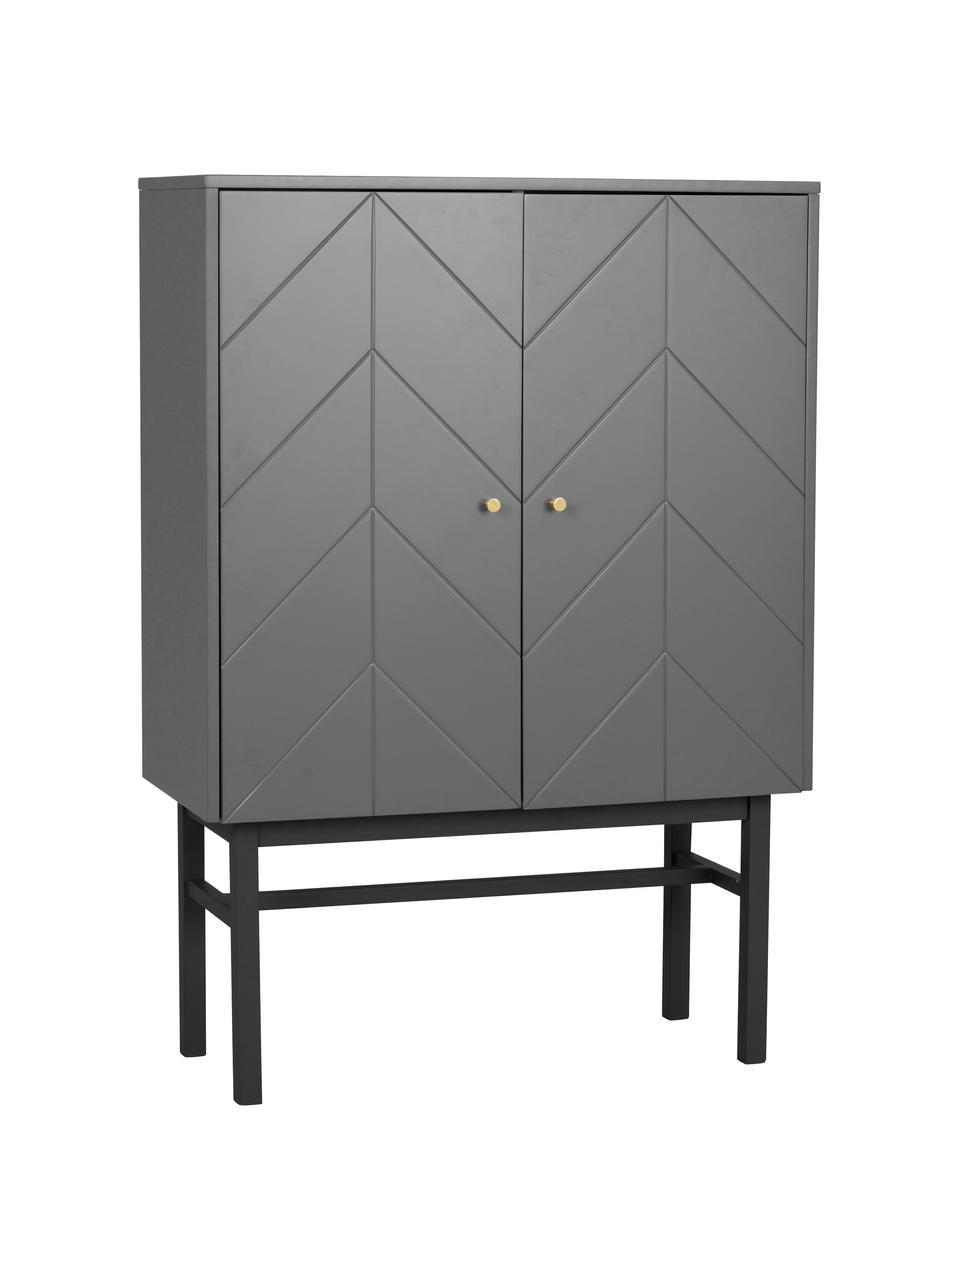 Highboard Webster mit Türen in Grau, Korpus: Mitteldichte Holzfaserpla, Beine: Gummibaumholz, massiv, Grau, Anthrazit, 94 x 135 cm